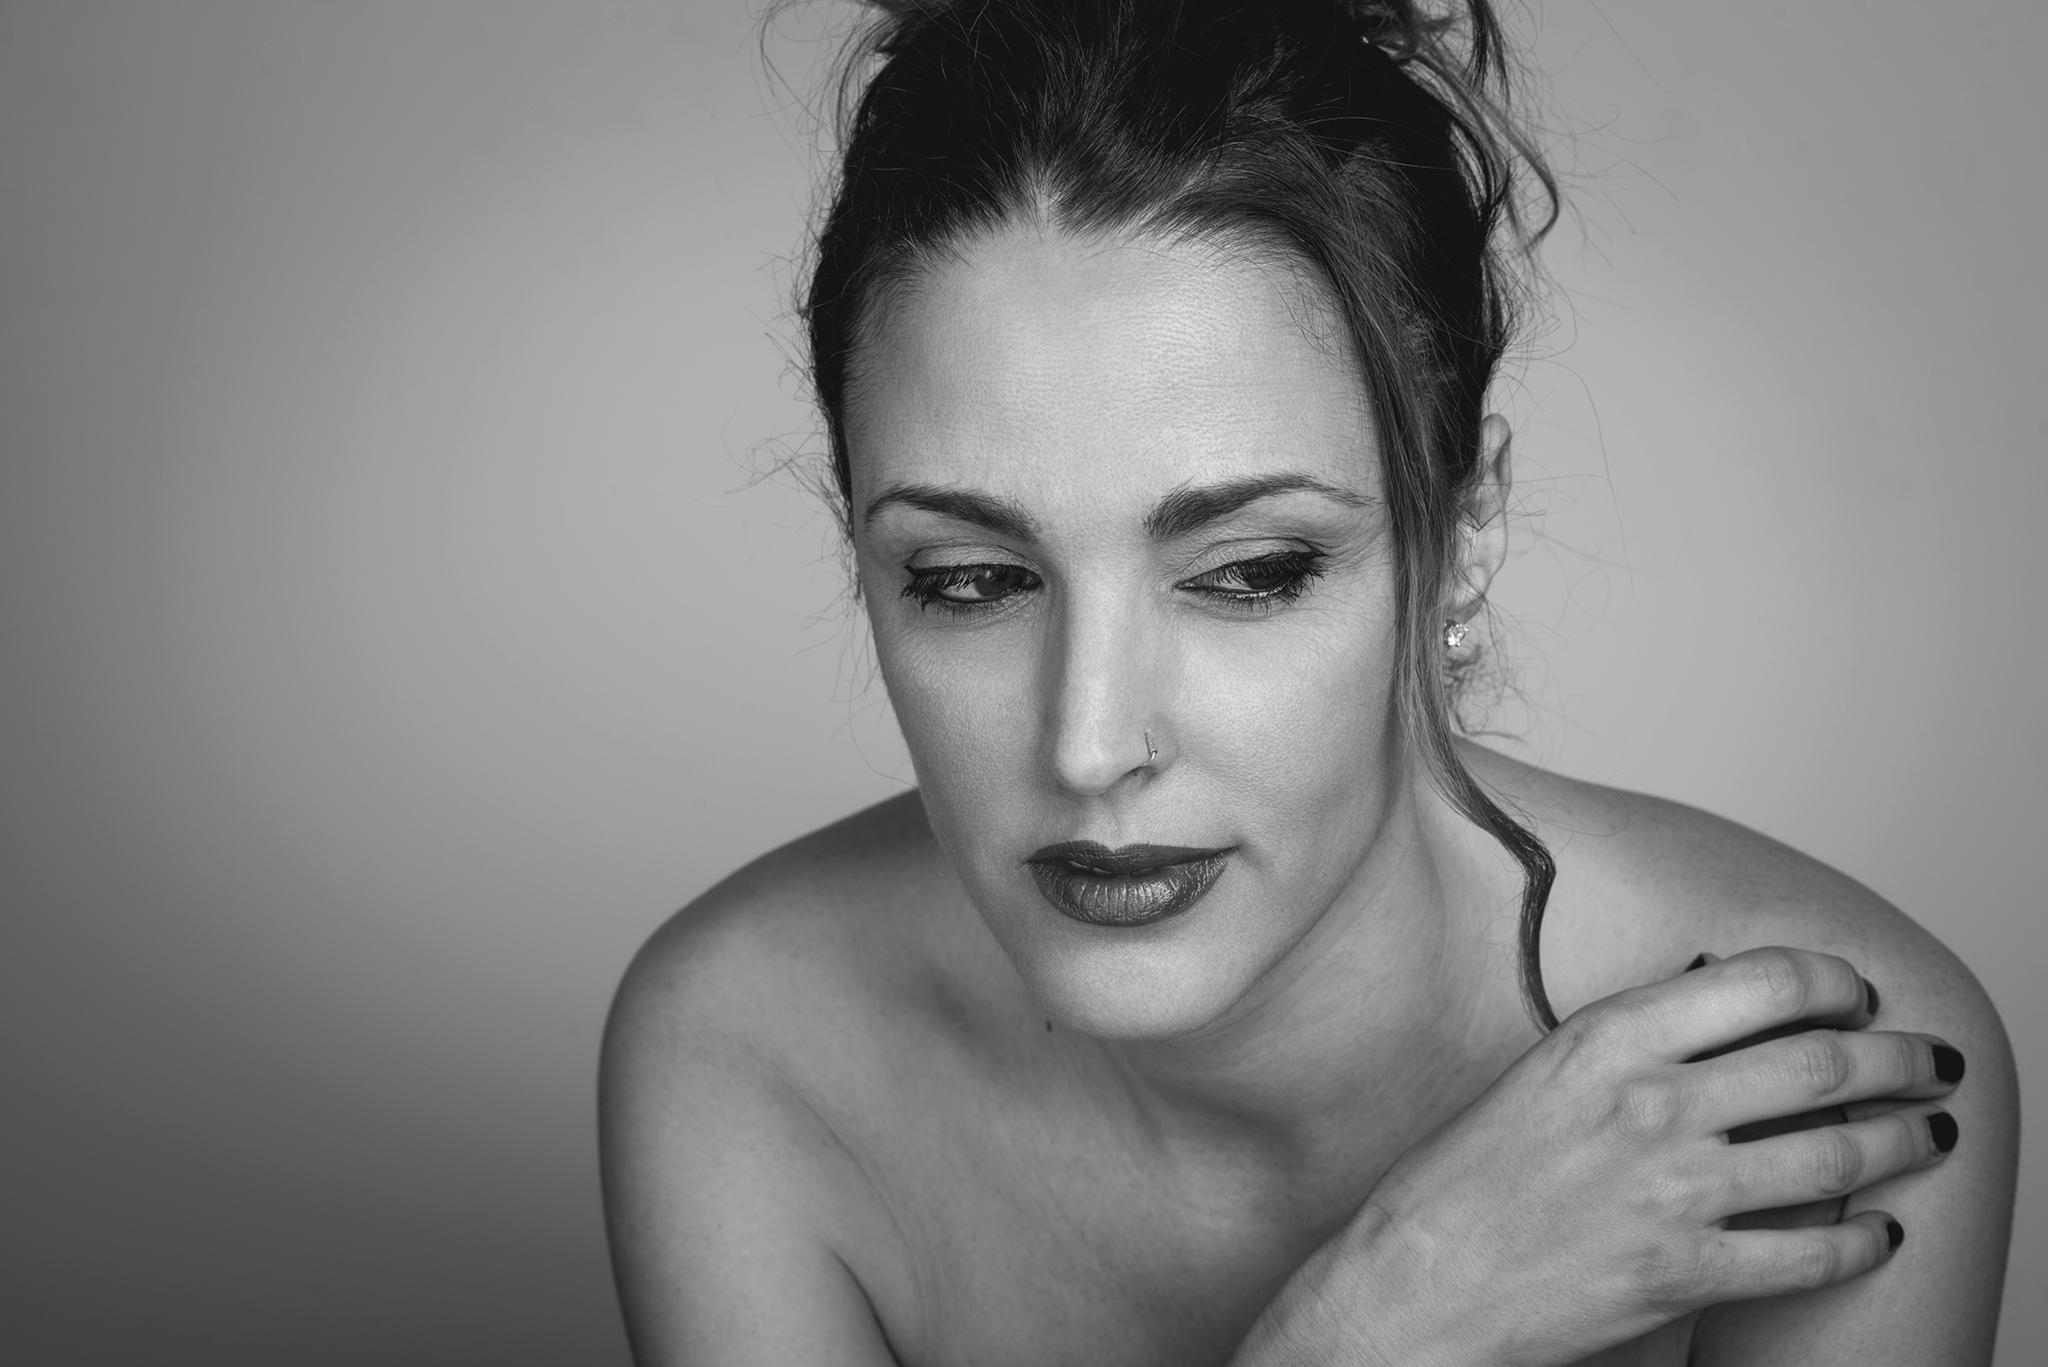 Eva Garcia Vacas Nude Photos 6